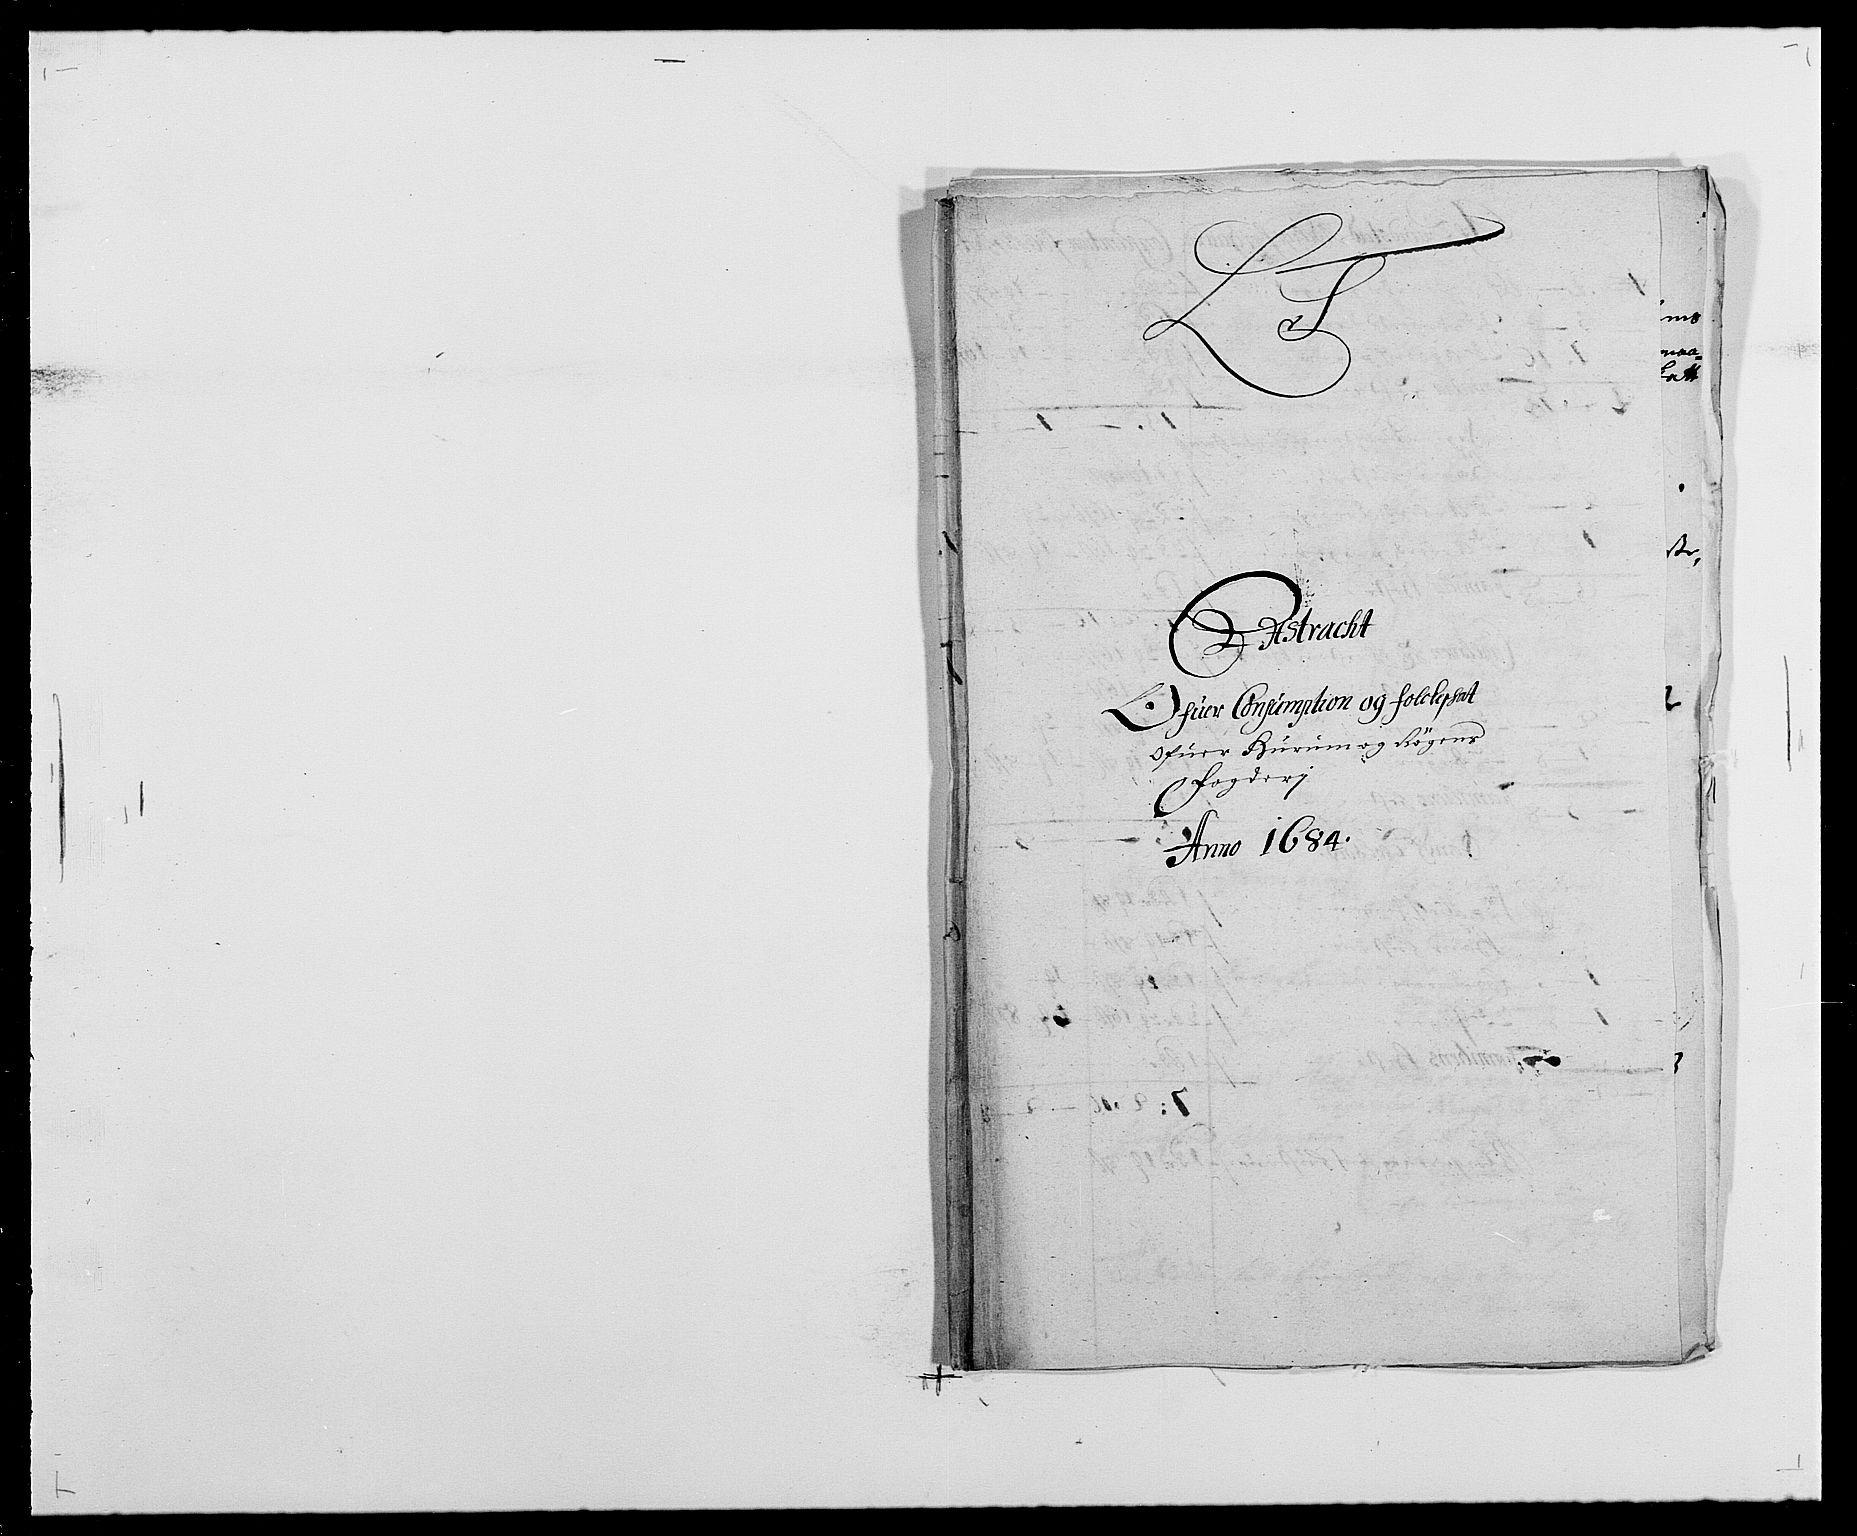 RA, Rentekammeret inntil 1814, Reviderte regnskaper, Fogderegnskap, R29/L1692: Fogderegnskap Hurum og Røyken, 1682-1687, s. 211